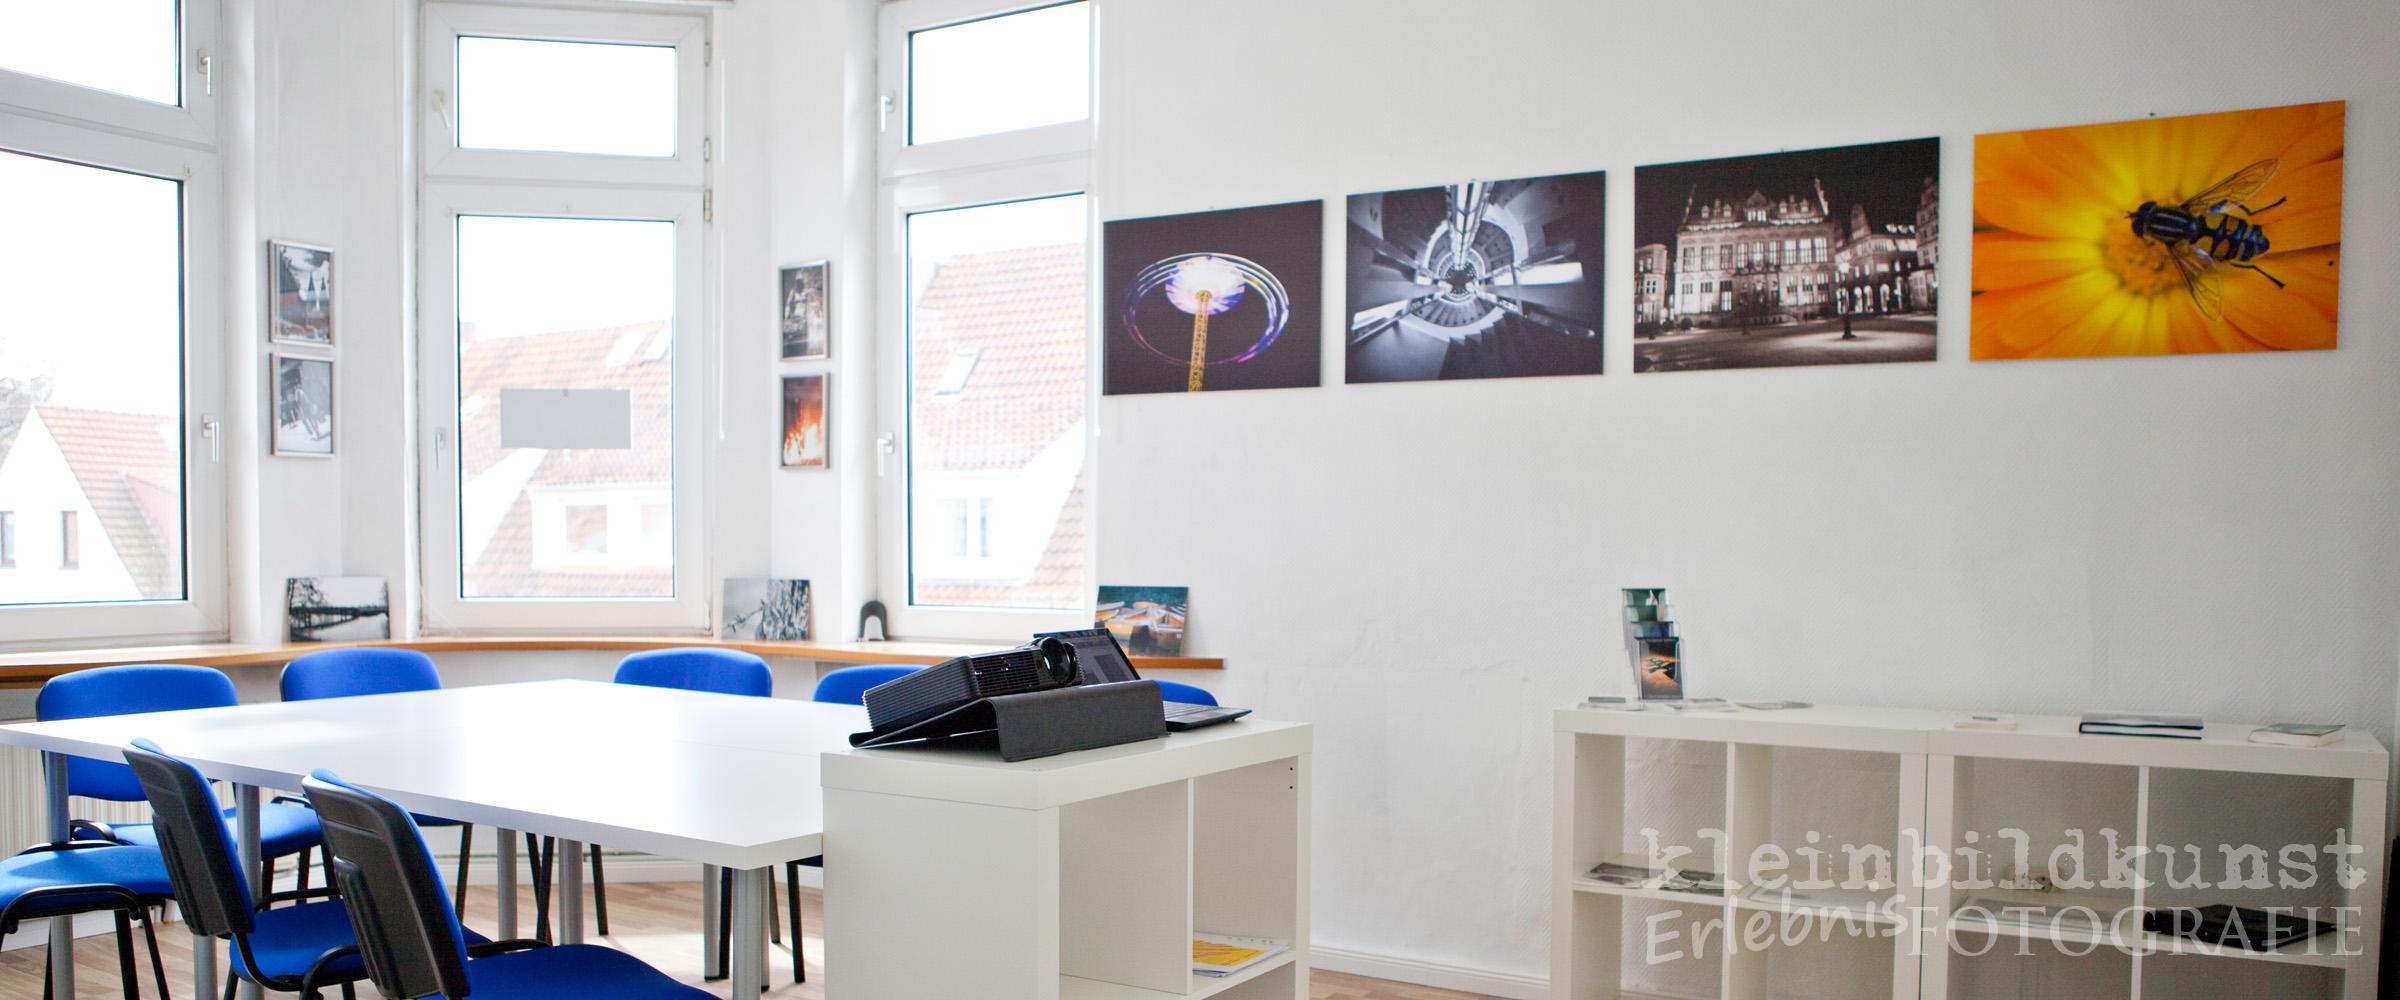 Fotoschule, Fotokurs, Bremen, Fotografieren lernen, Seminarraum